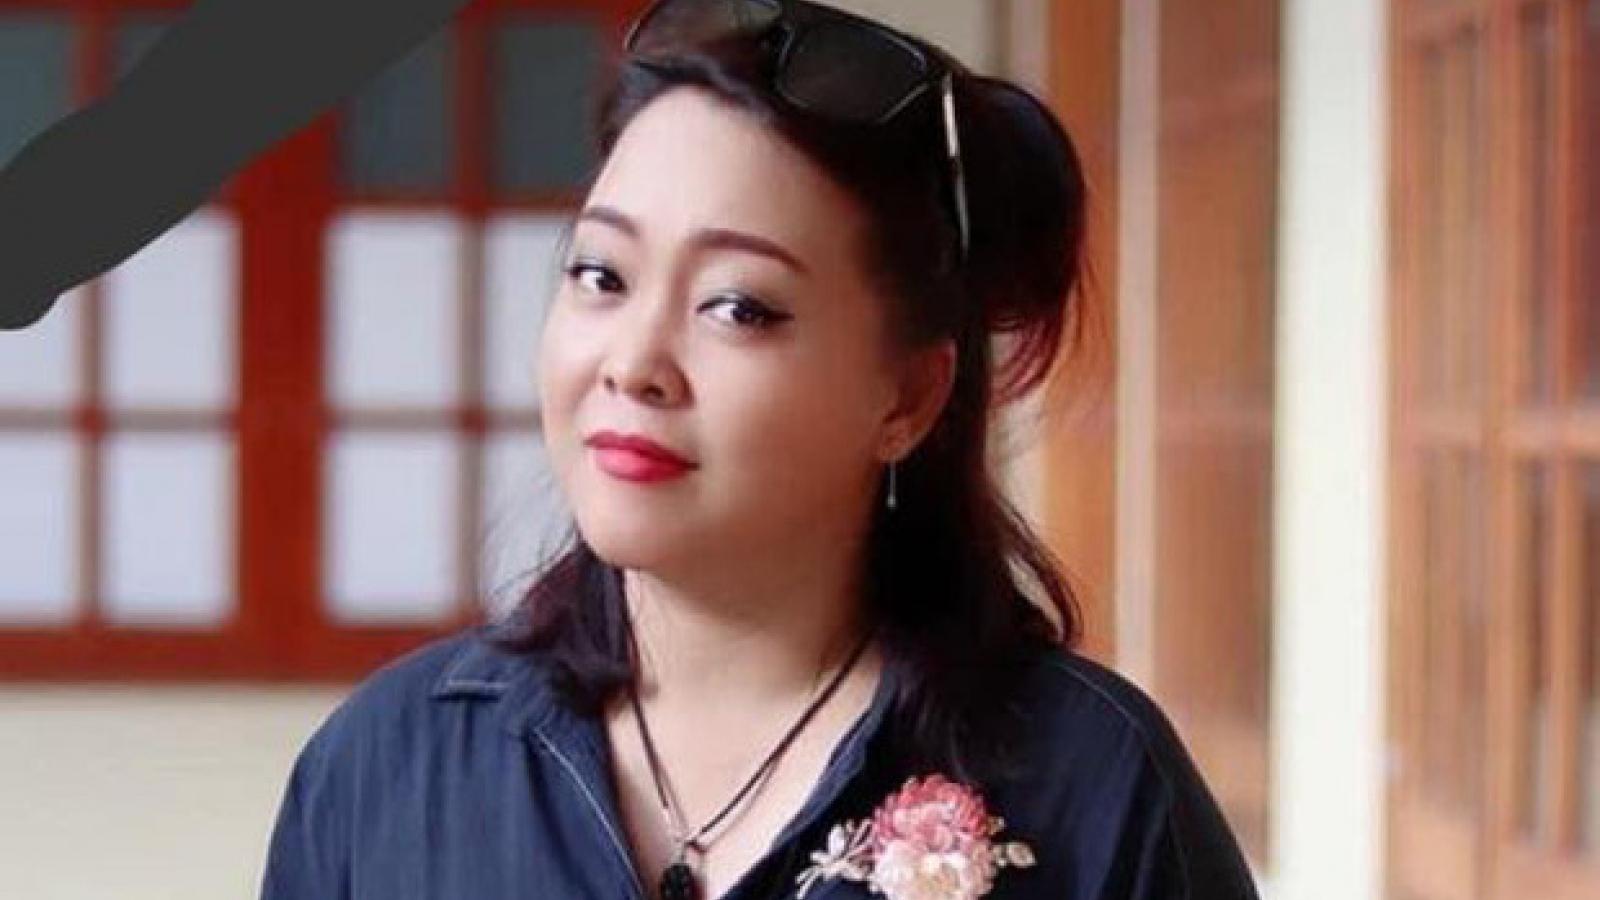 Ca sĩ Phan Cẩm Vân đột ngột qua đời ở tuổi 41